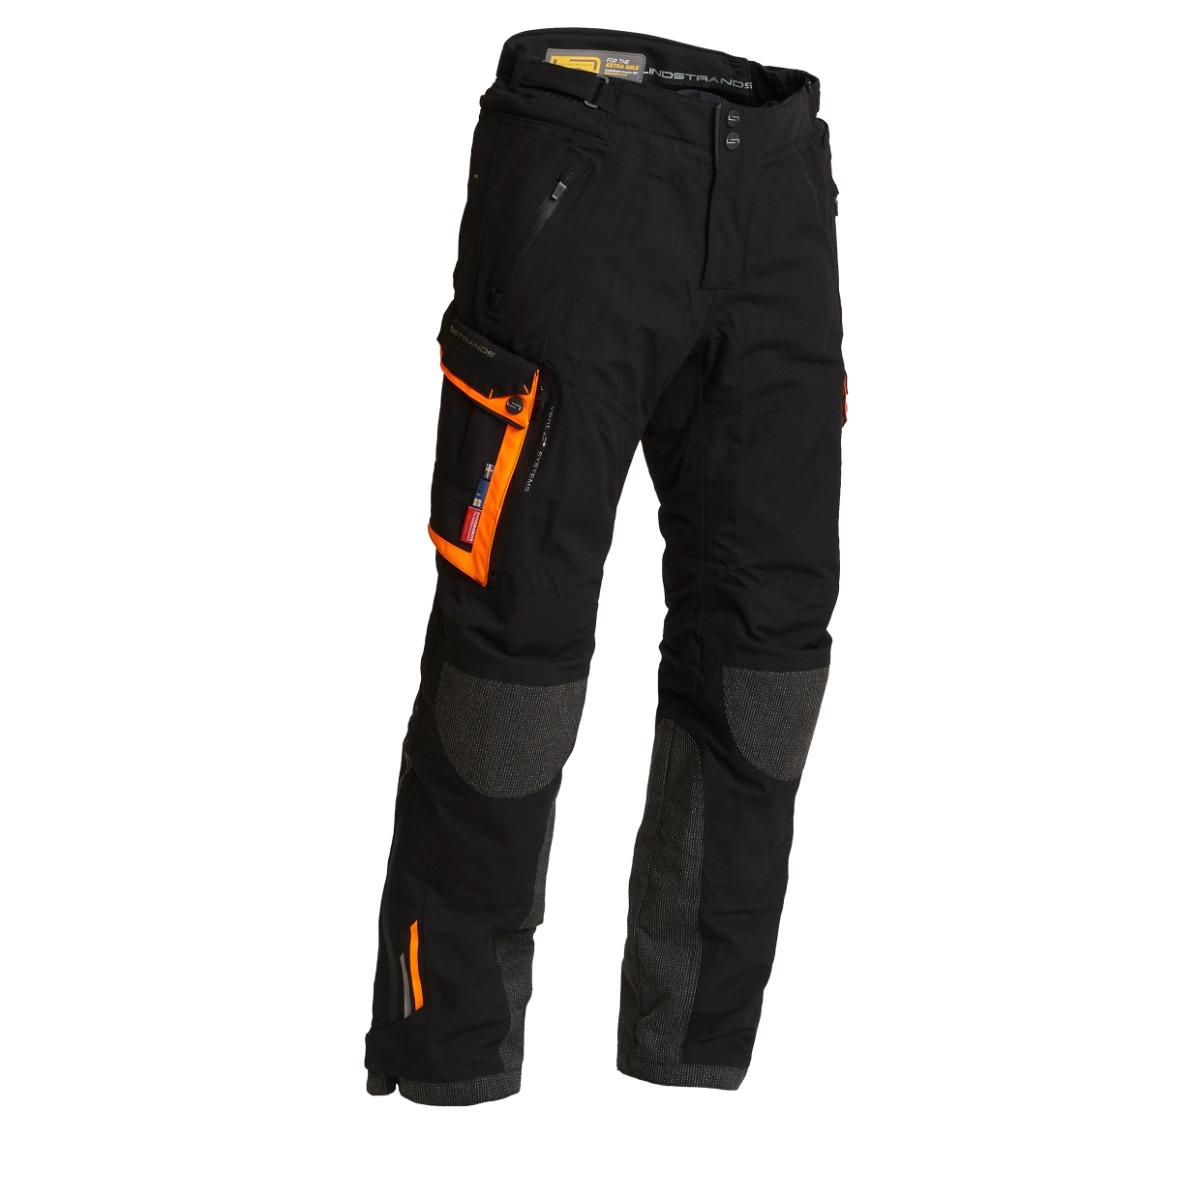 Lindstrands Textile Pants Sunne Black Orange 52